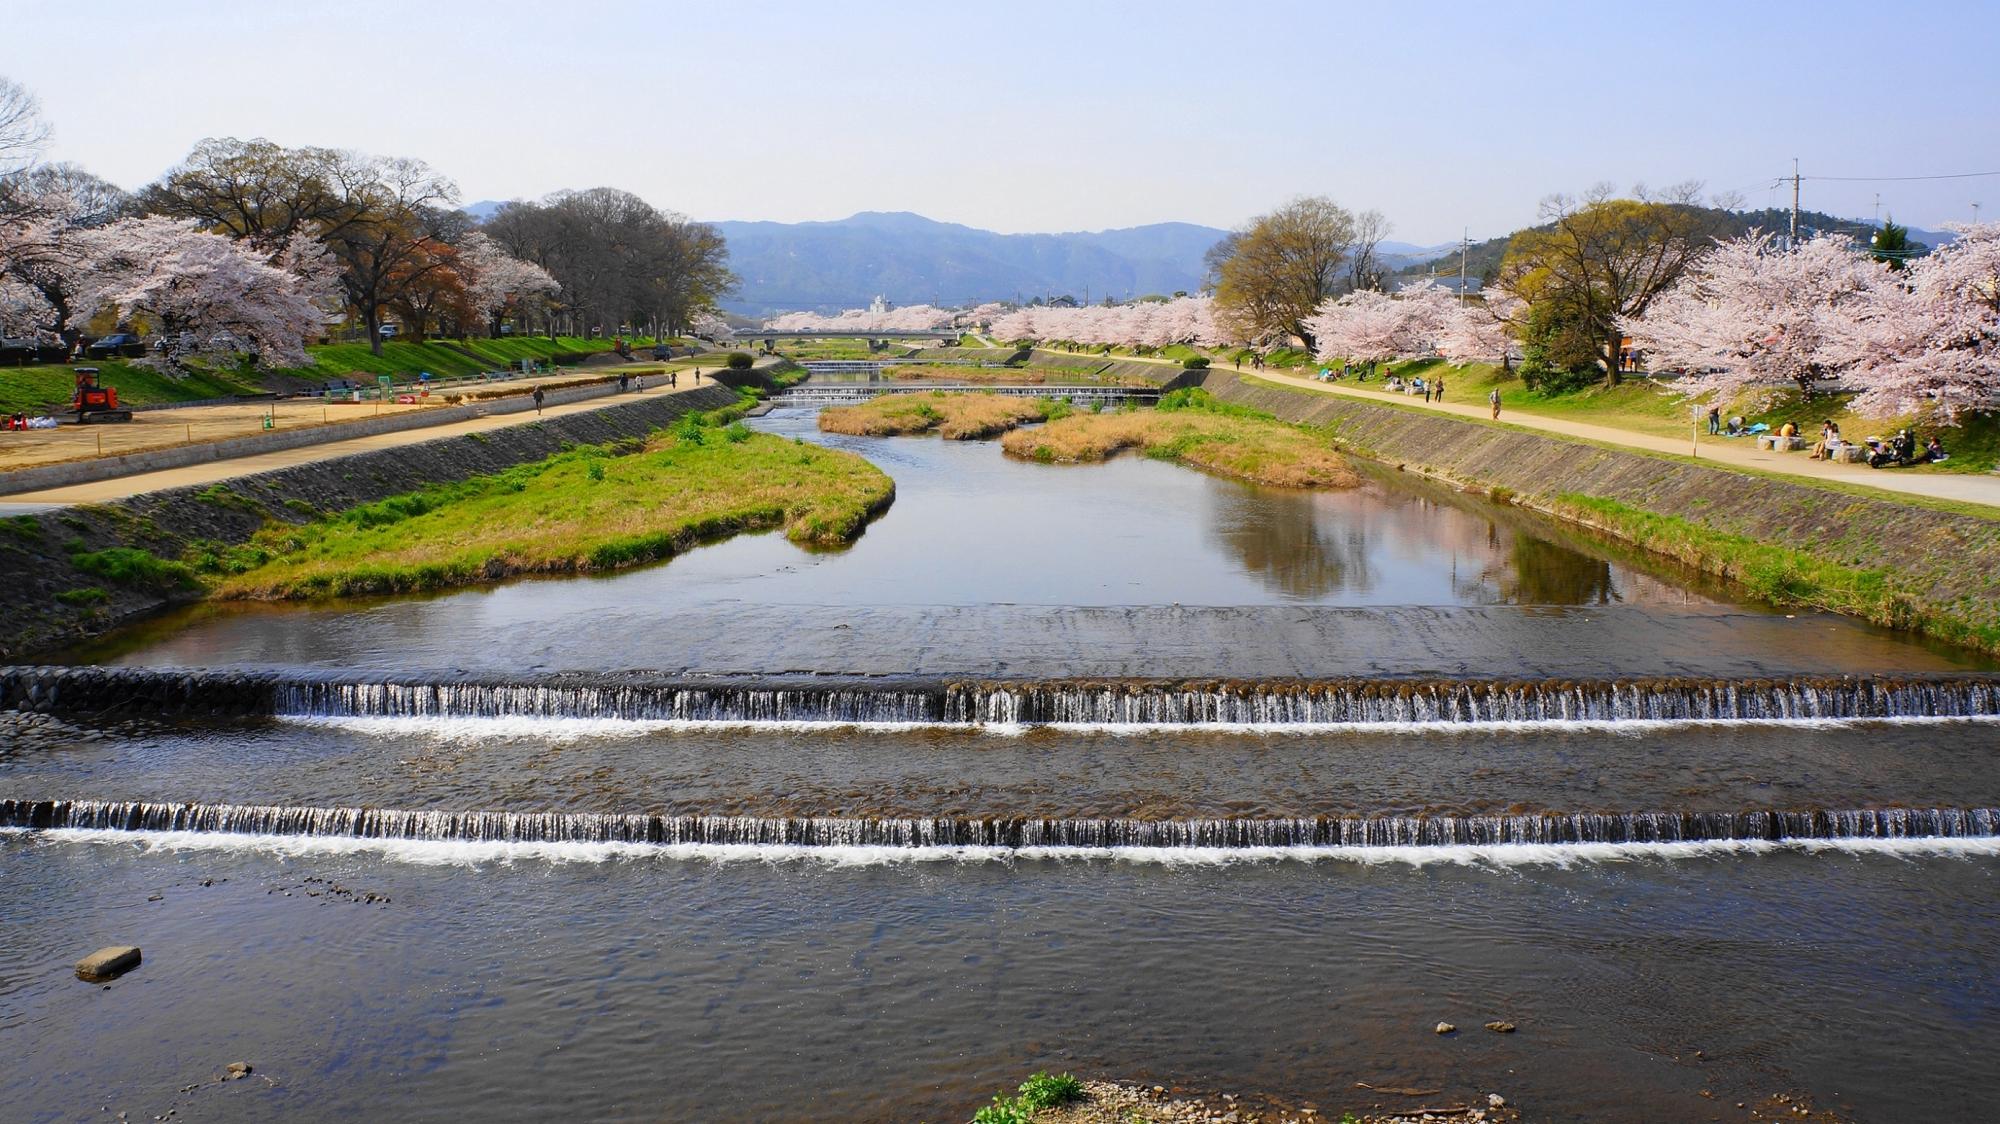 北山大橋から眺めた北方面(上流方面)の桜の咲く賀茂川